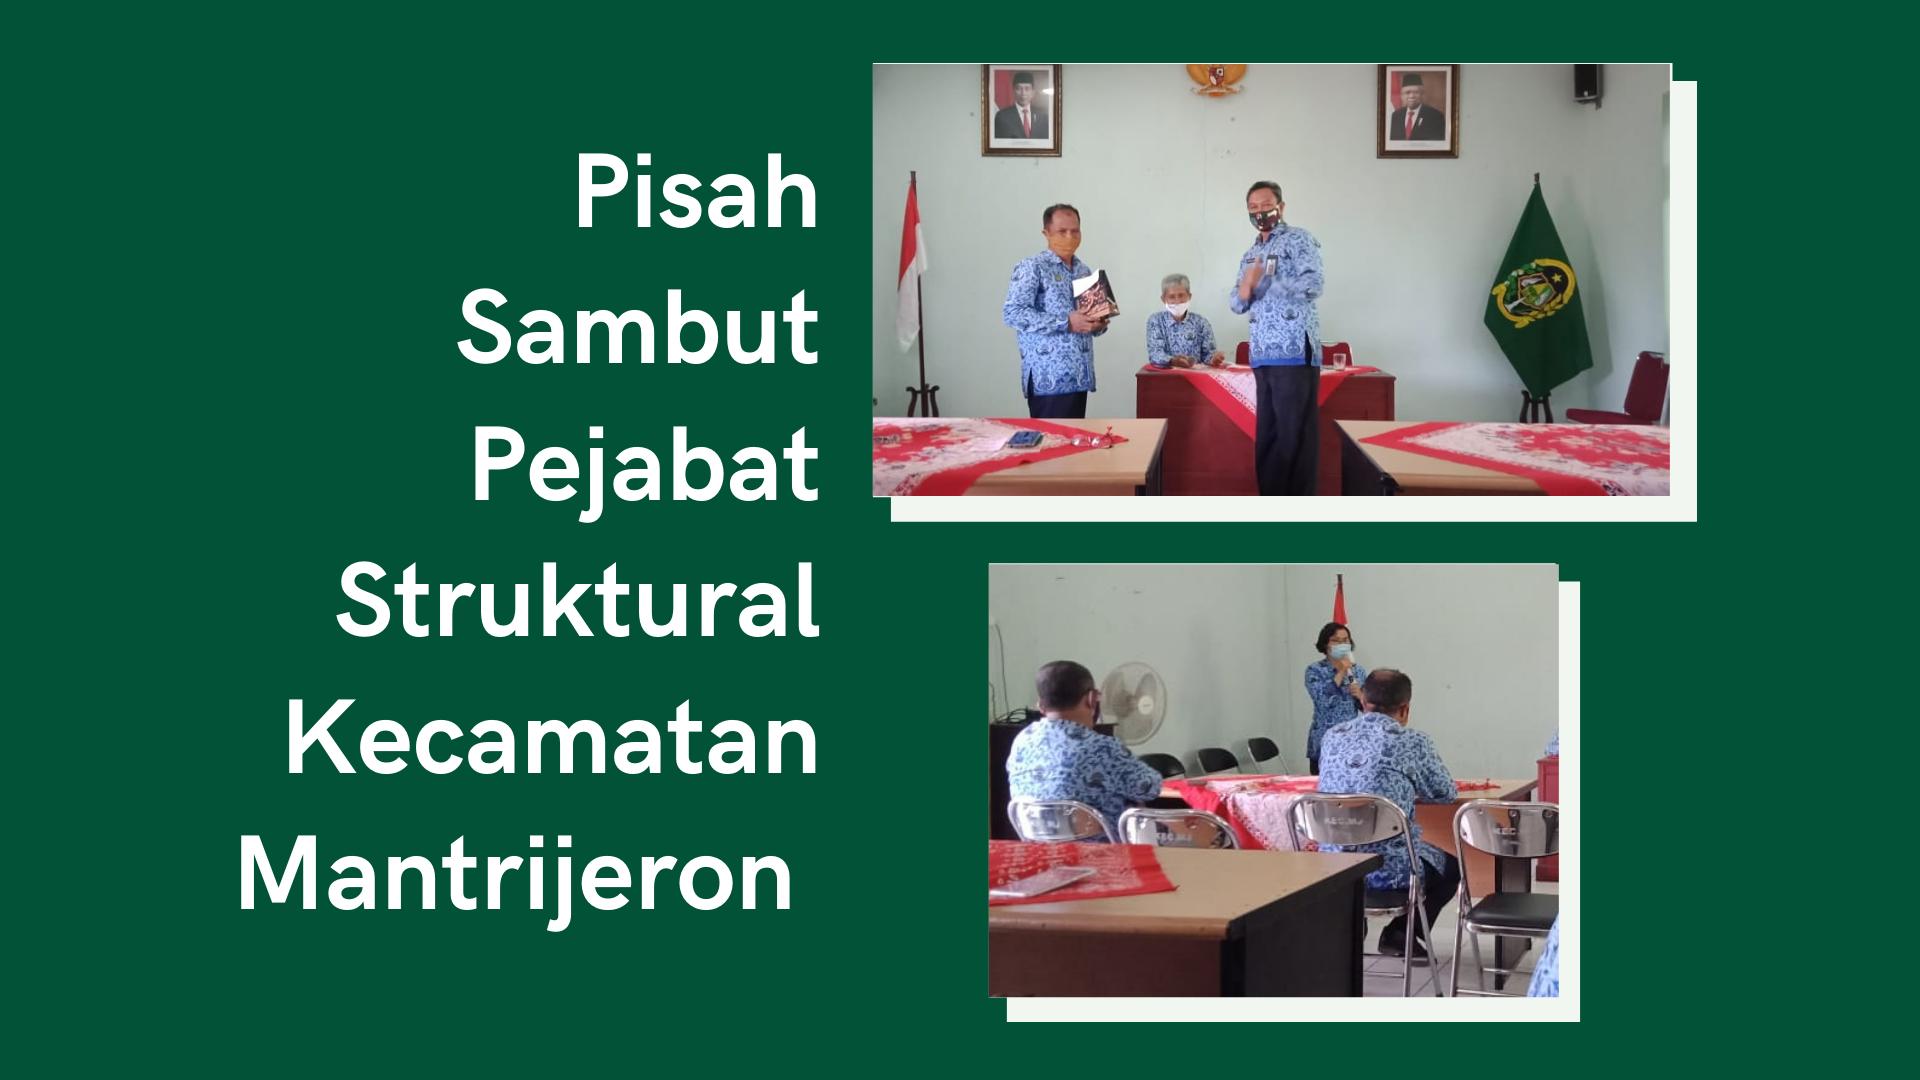 Pisah Sambut Pejabat Struktural Kecamatan Mantrijeron tanggal 17 September 2020